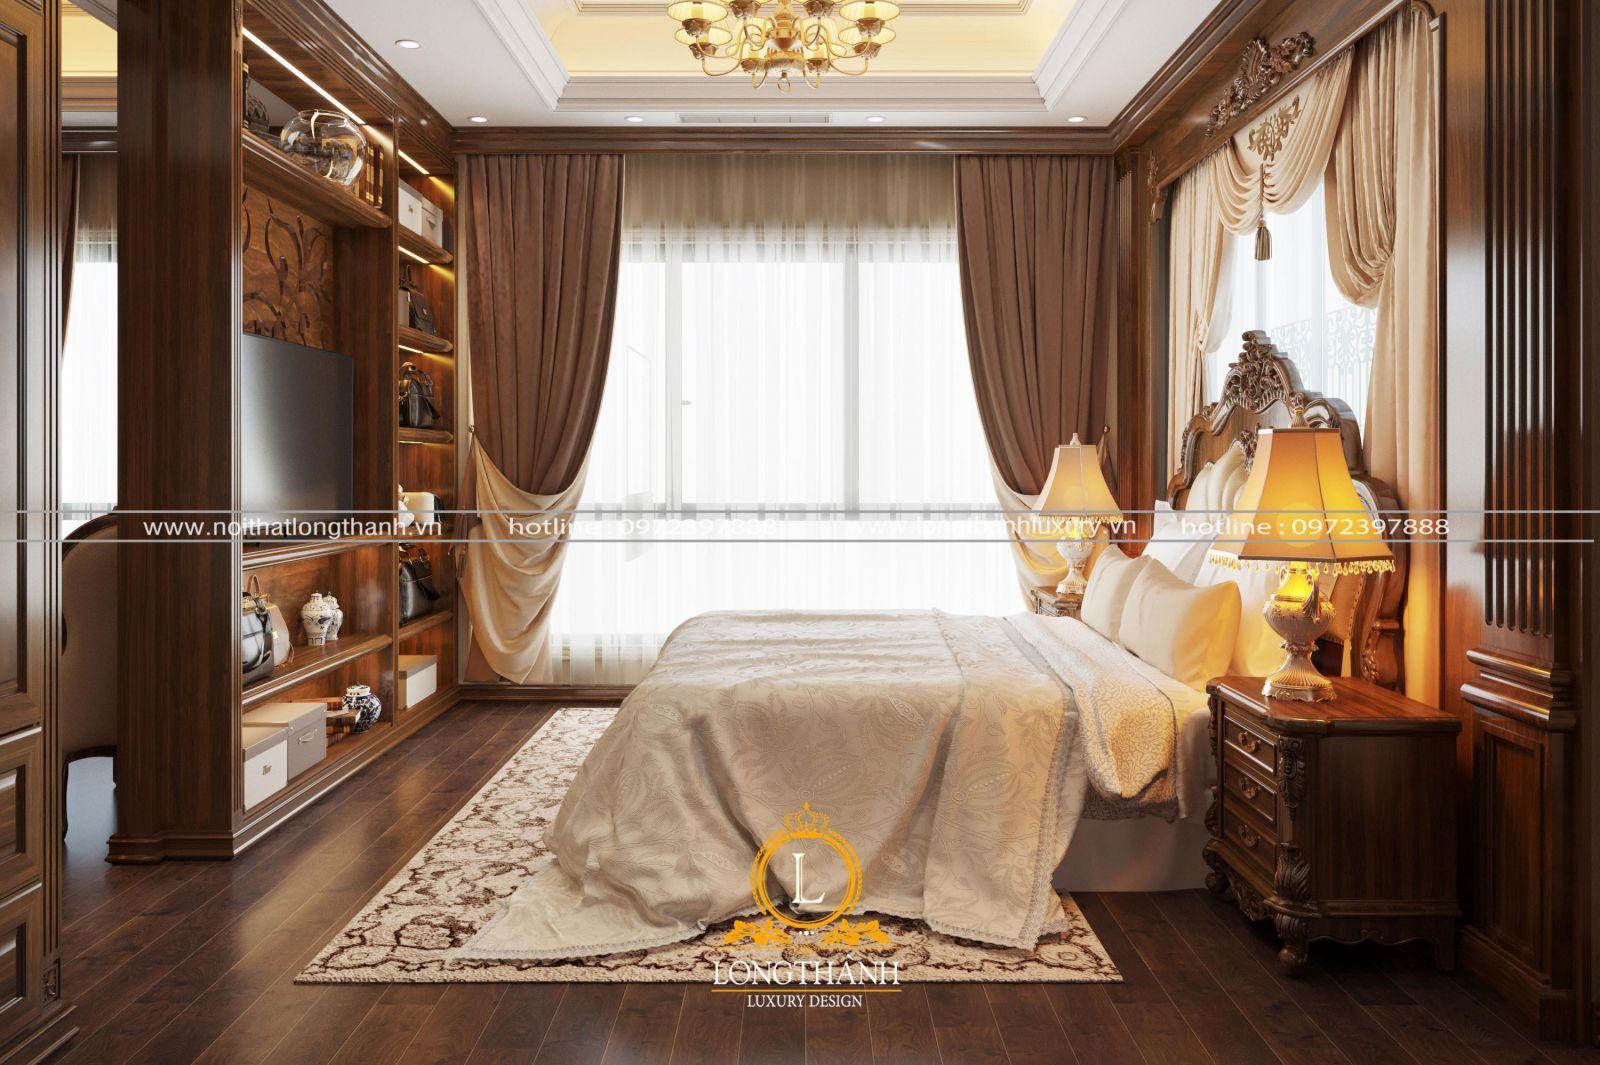 Nội thất phòng ngủ gỗ tự nhiên luôn là lựa chọn hàng đầu